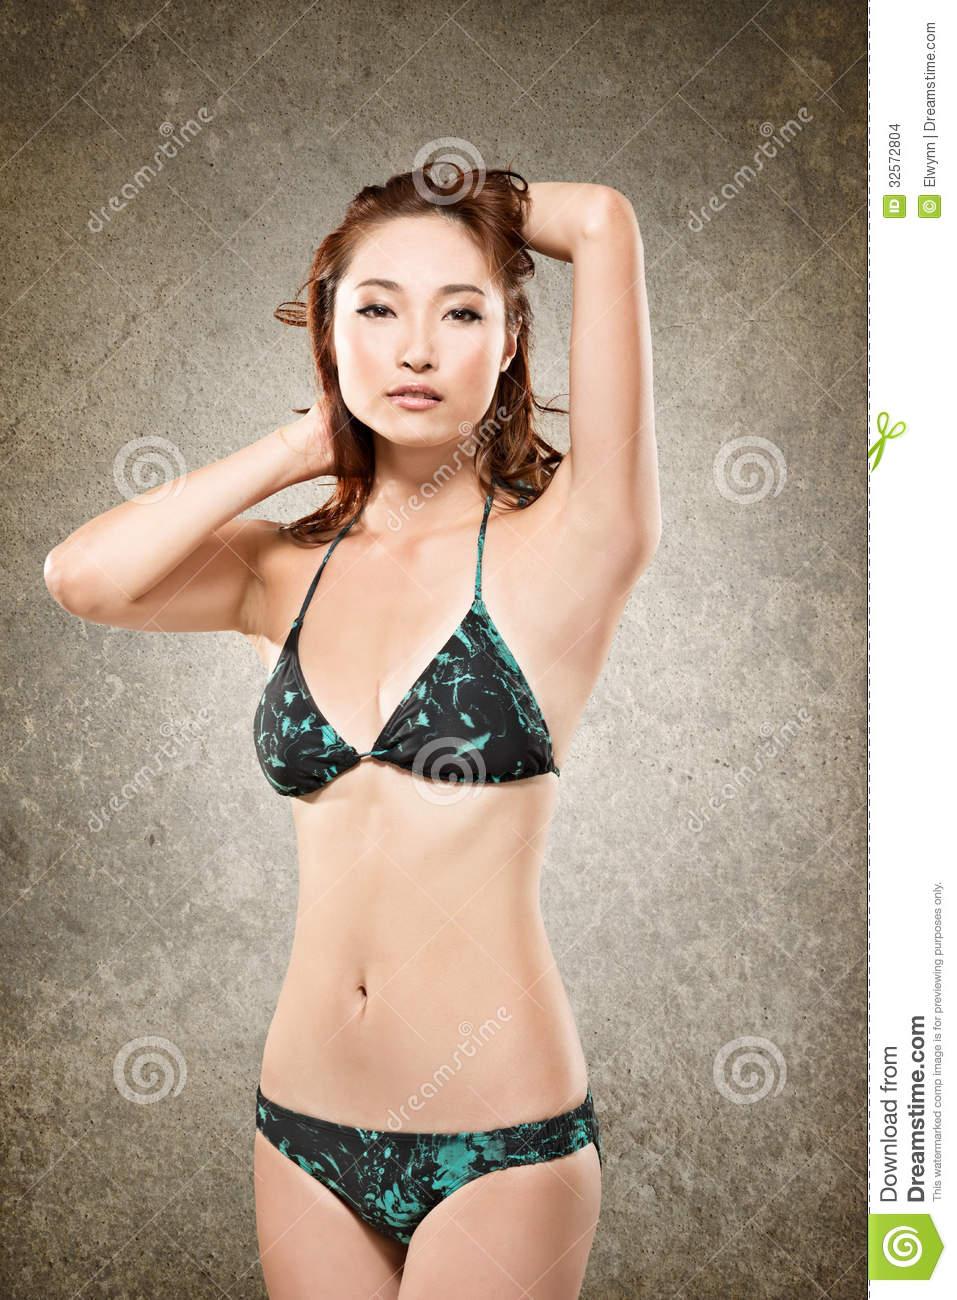 Femme asiatique en bikini imagesize:960×640